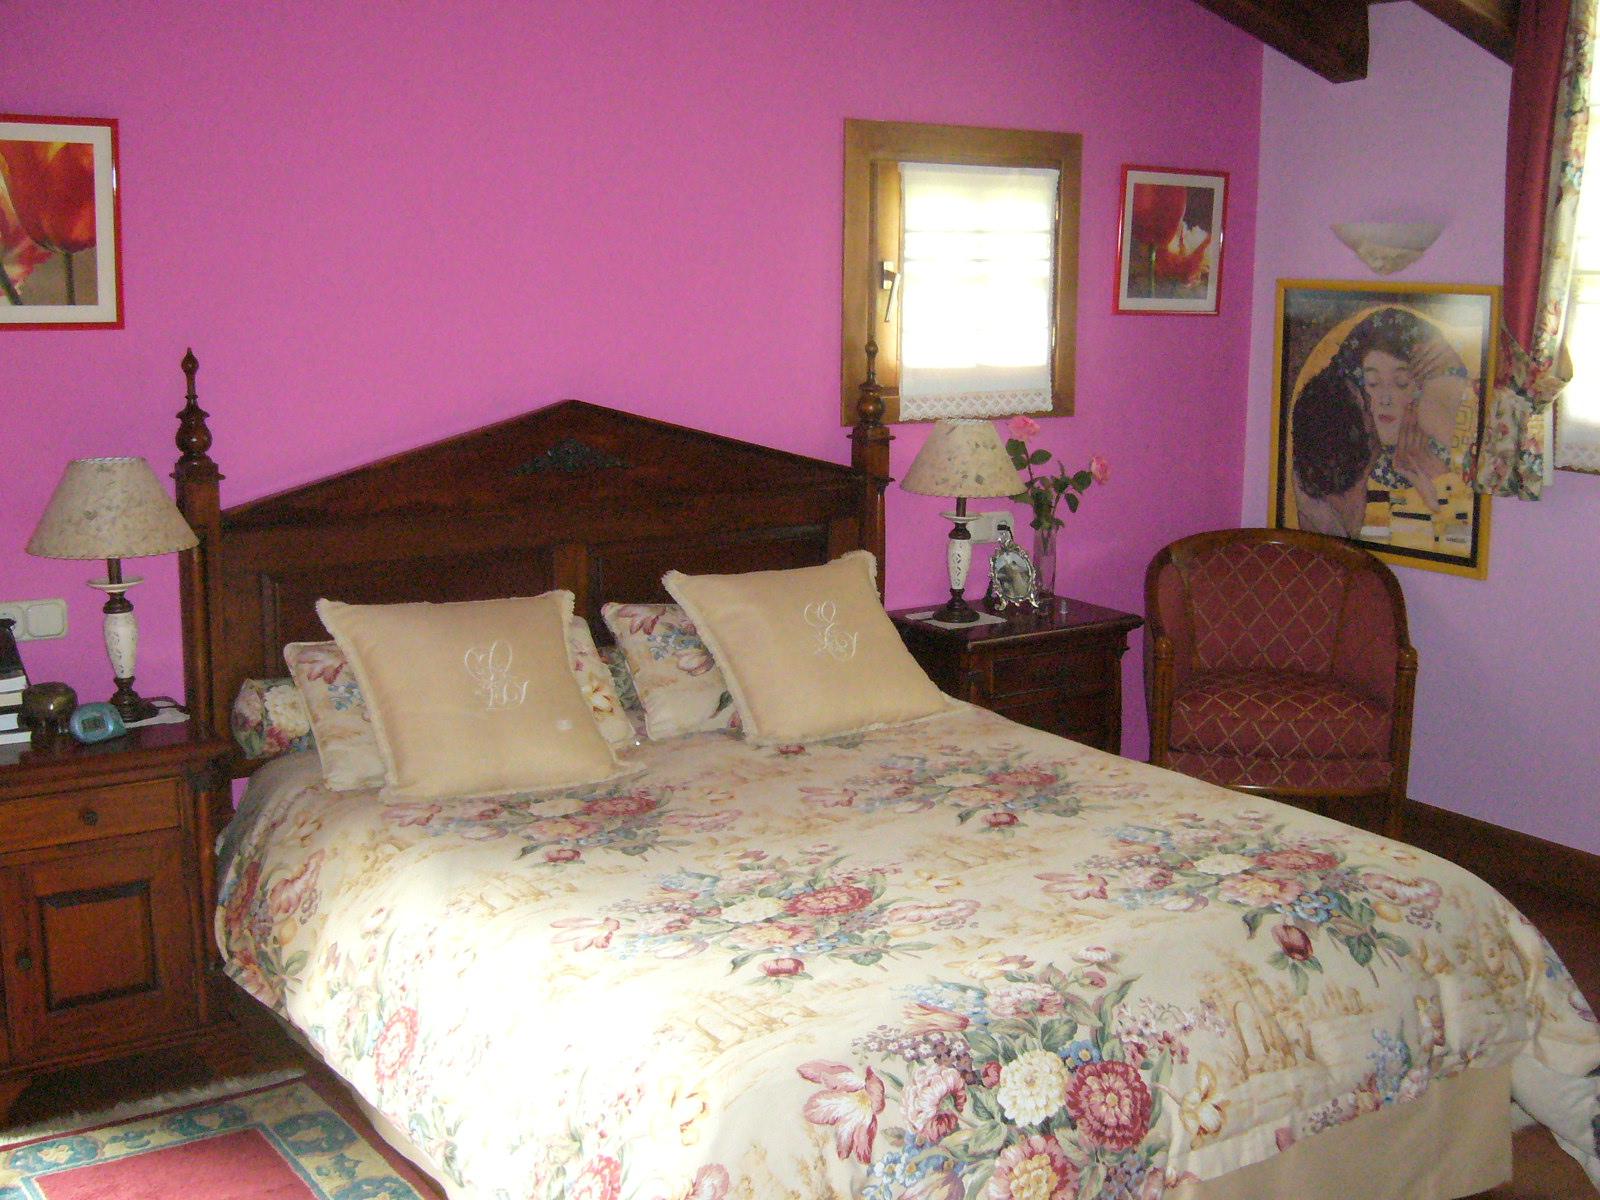 Feng shui dormitorio feng shui - Feng shui colores dormitorio ...